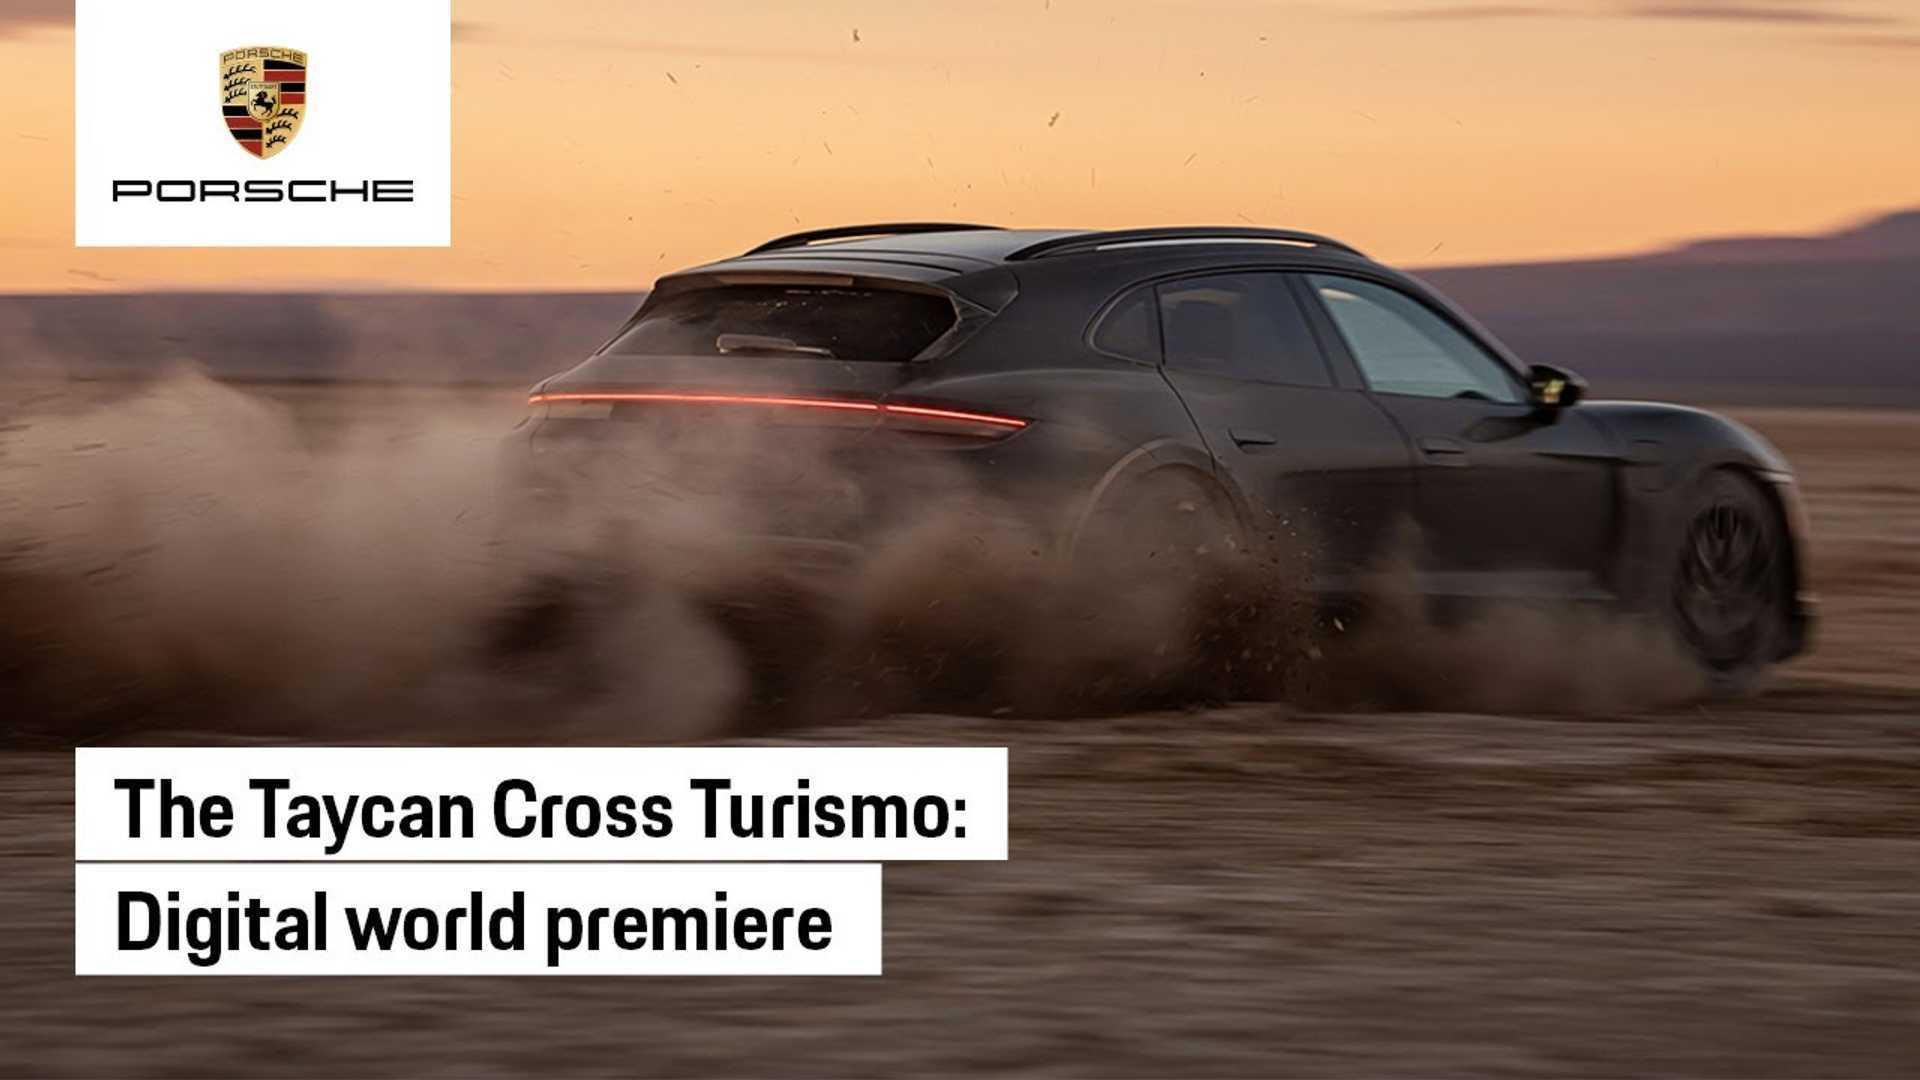 Porsche Taycan Cross Turismo 2022 года дебютирует сегодня: смотрите прямую трансляцию